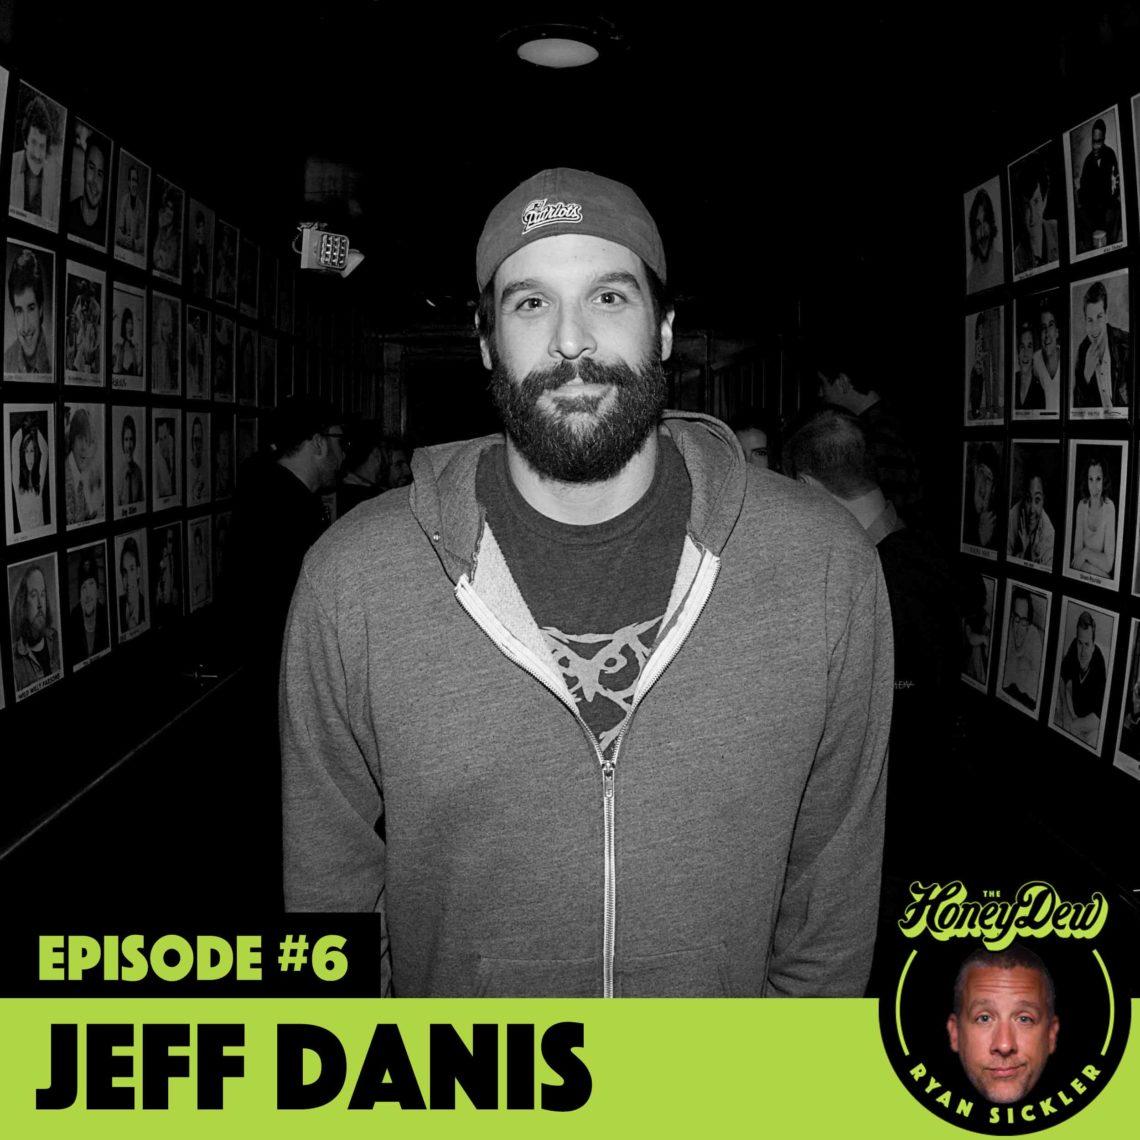 Jeff Danis